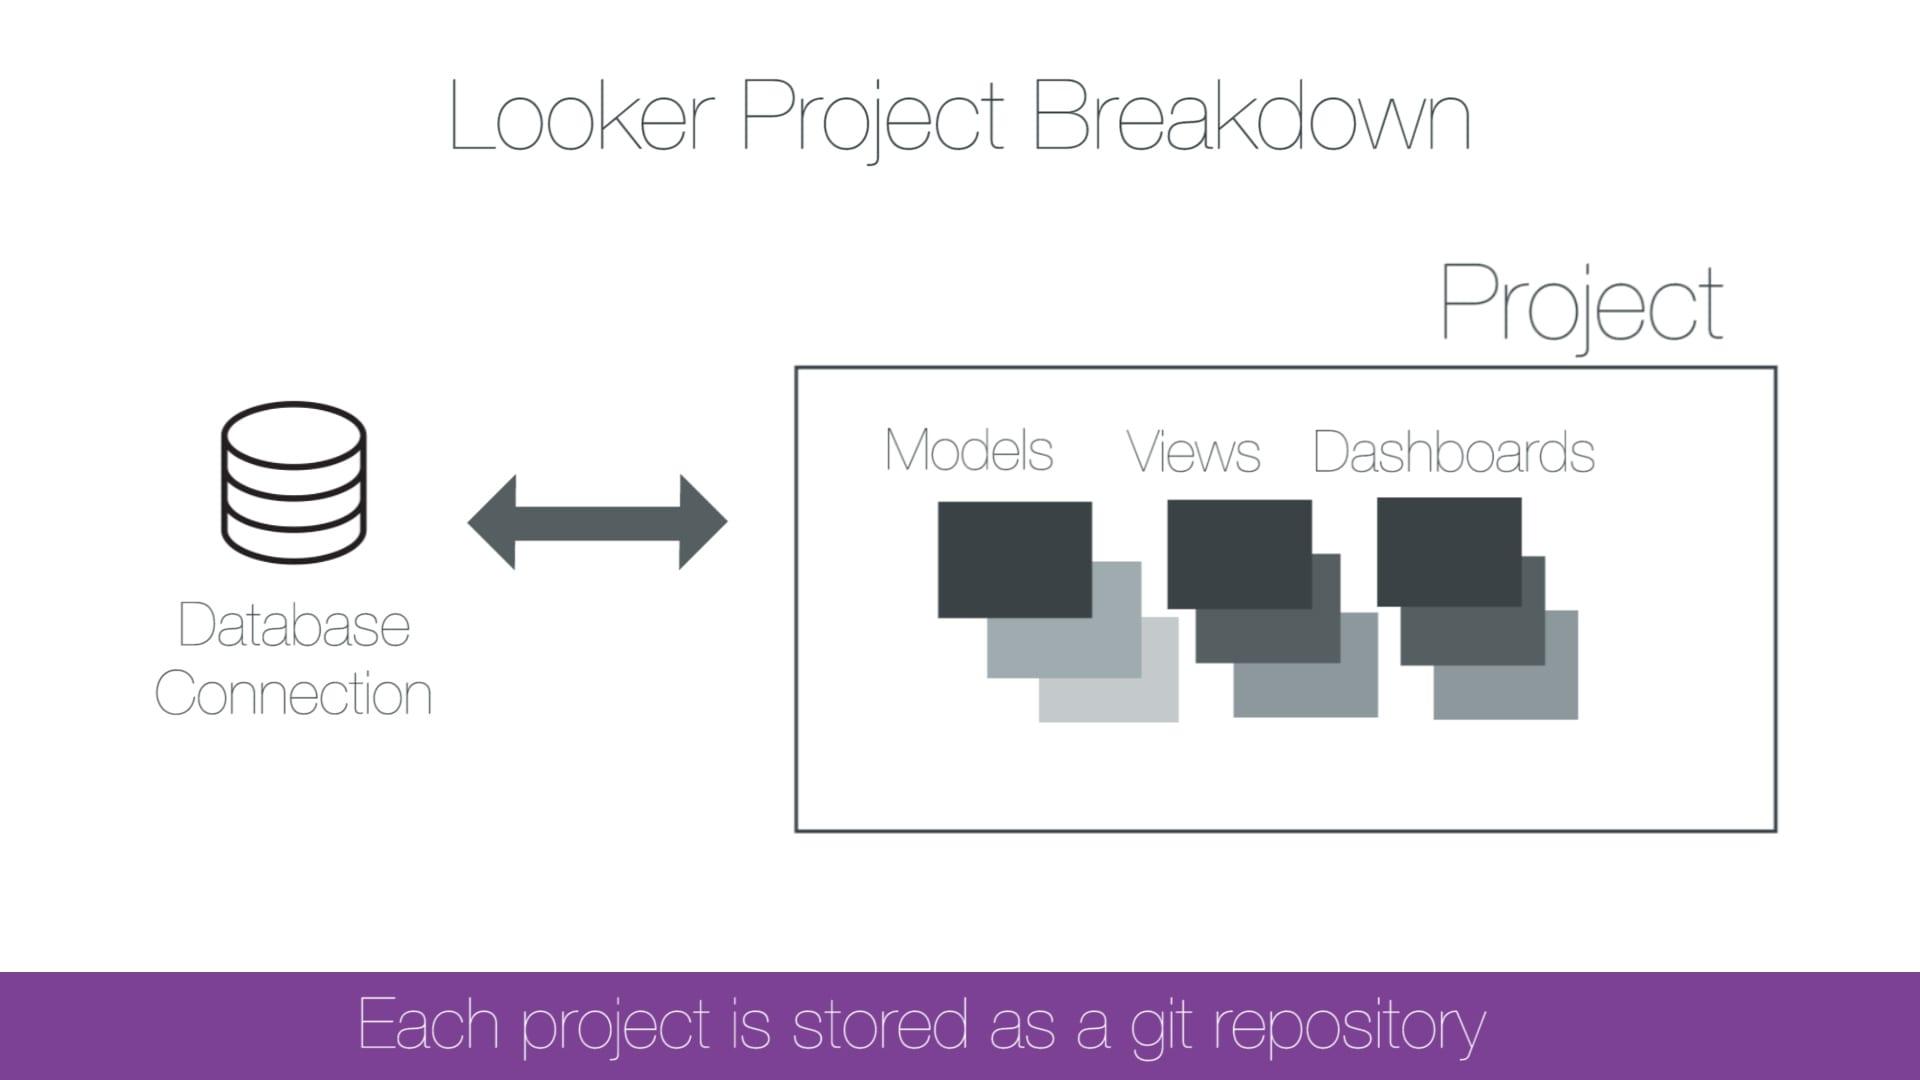 Looker Project Breakdown